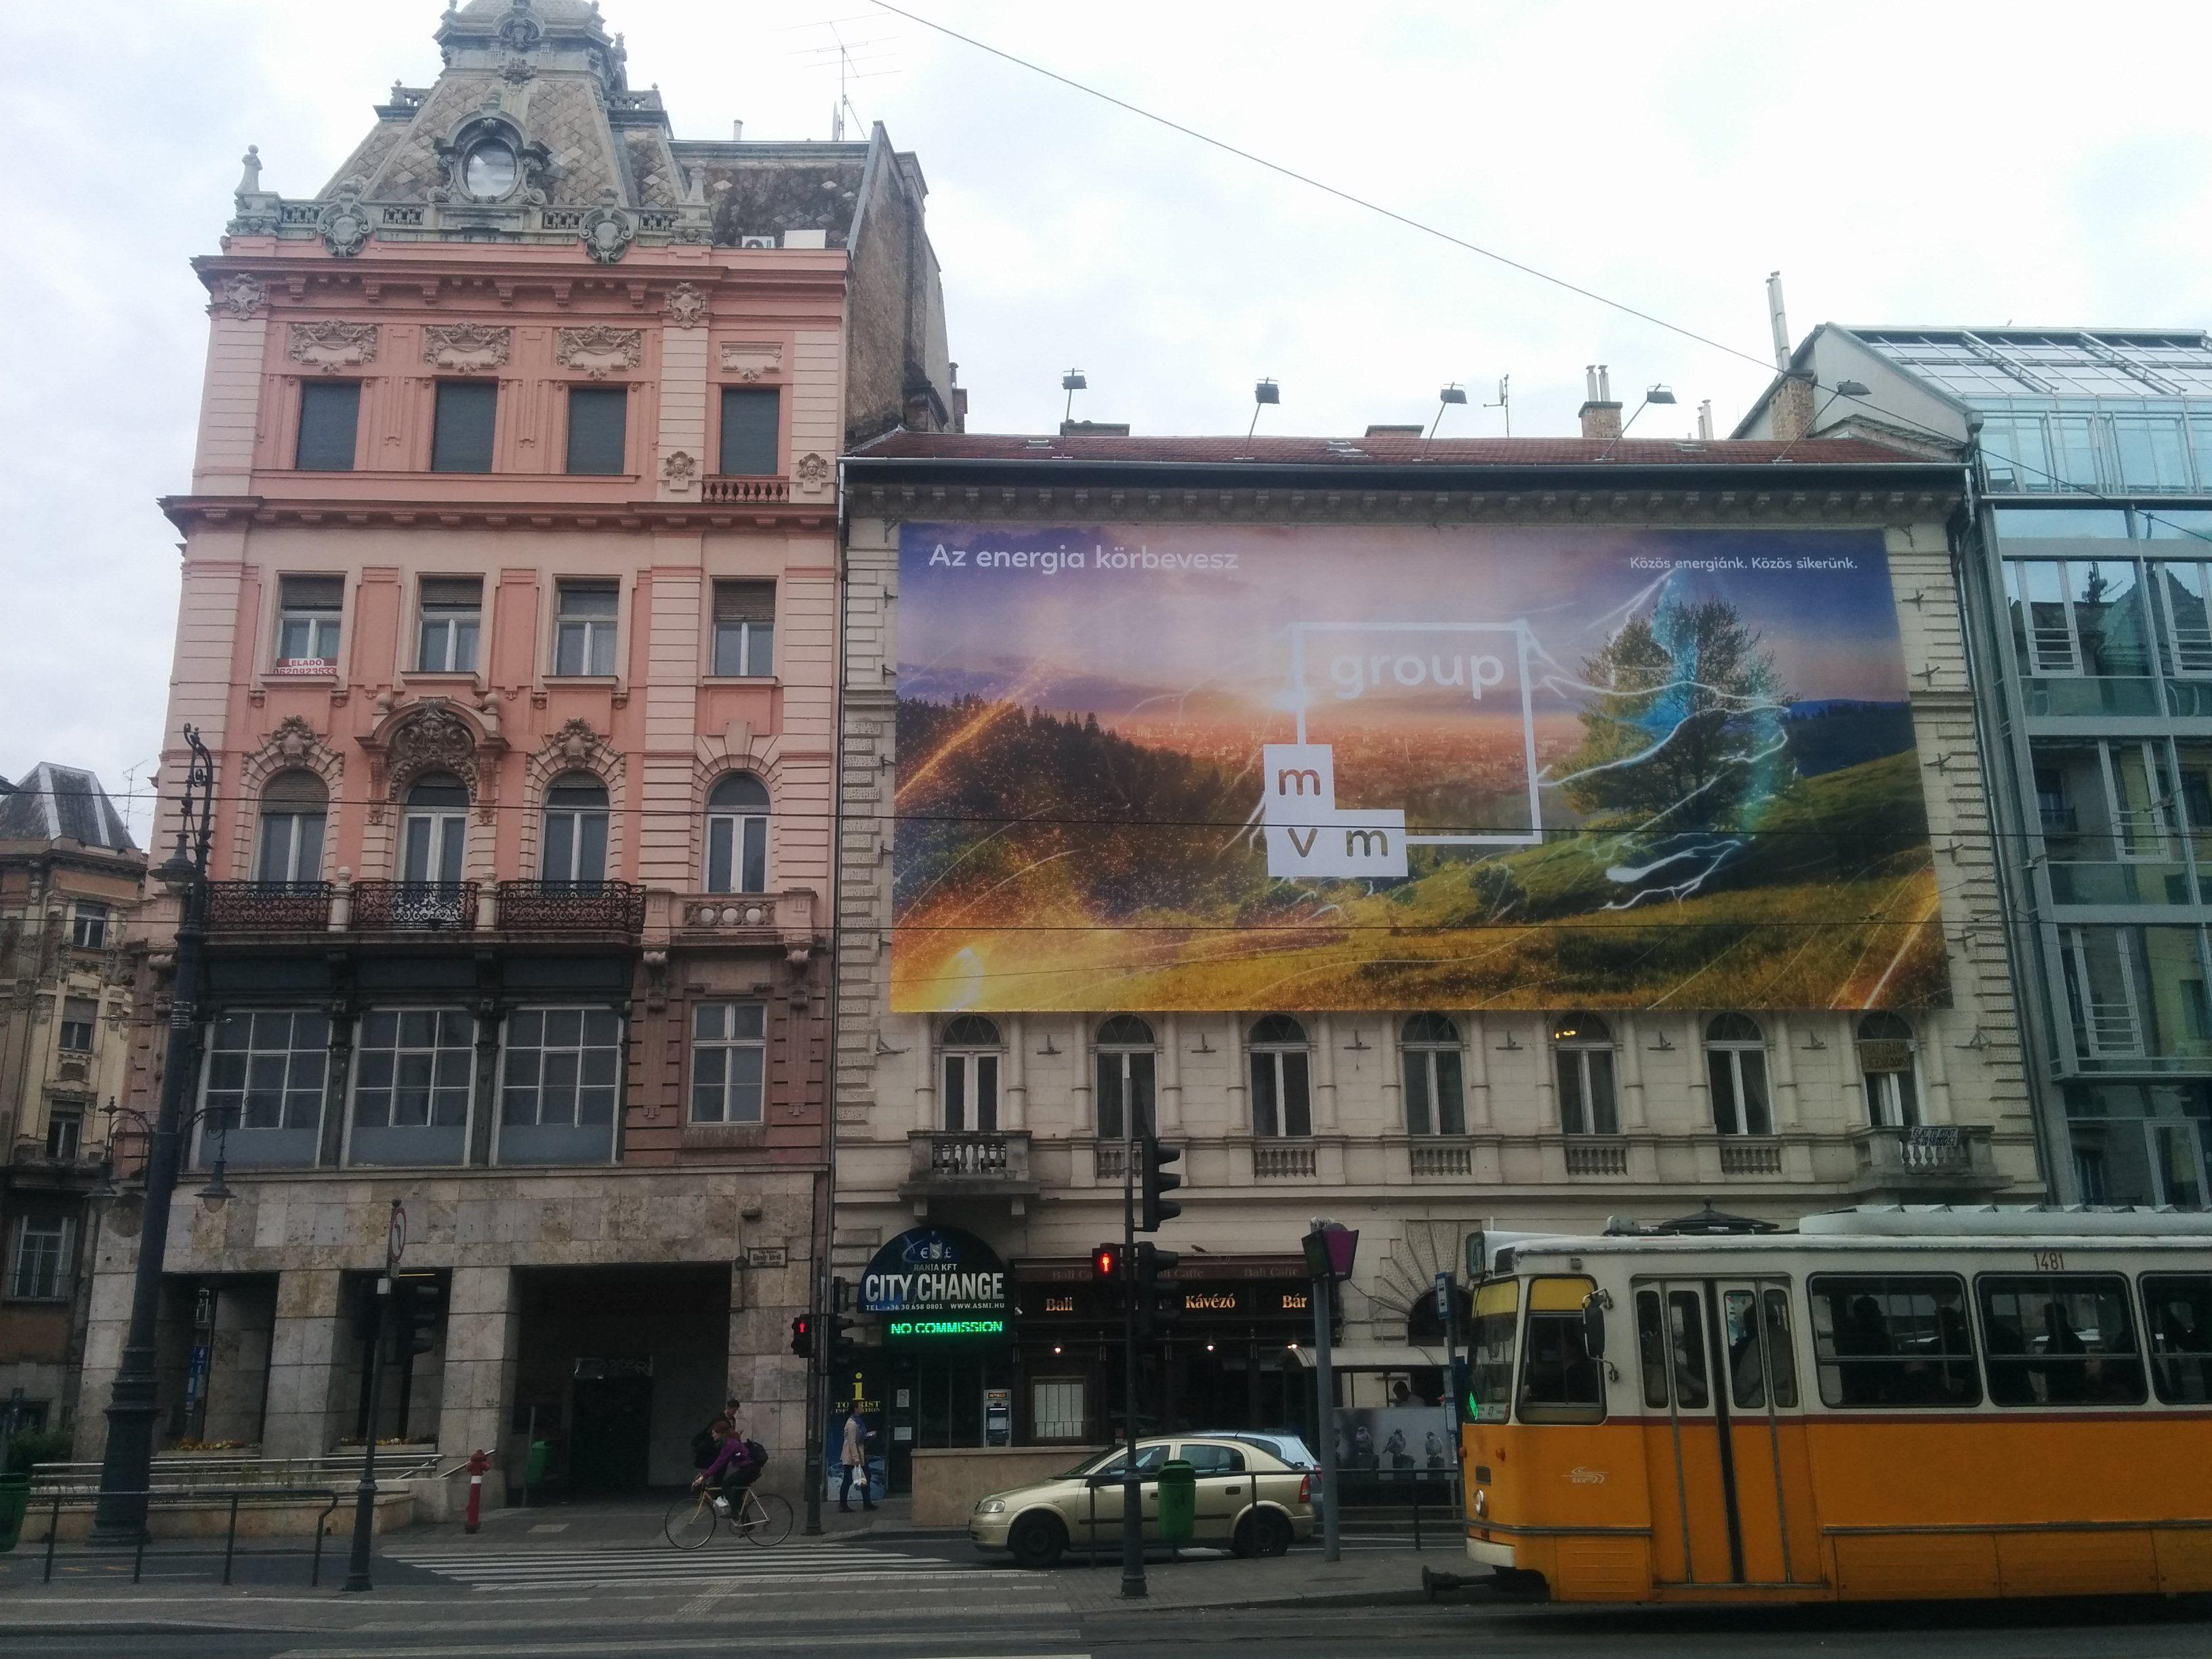 300 milliót kampányol el a Fidesz-közeli médiában az MVM